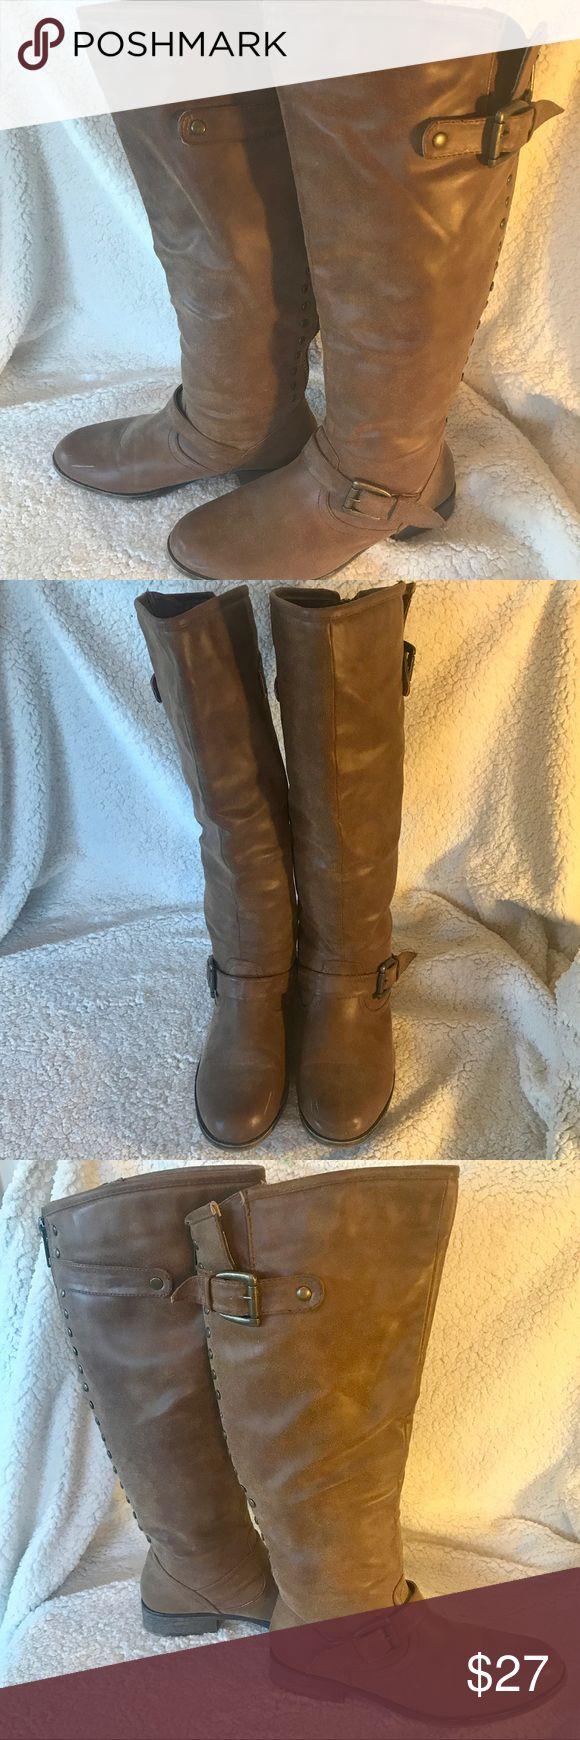 Madden Girl Cactuss Boots 9 GUC Madden Girl Cactuss Boots 9 GUC Madden Girl Shoes Over the Knee Boots